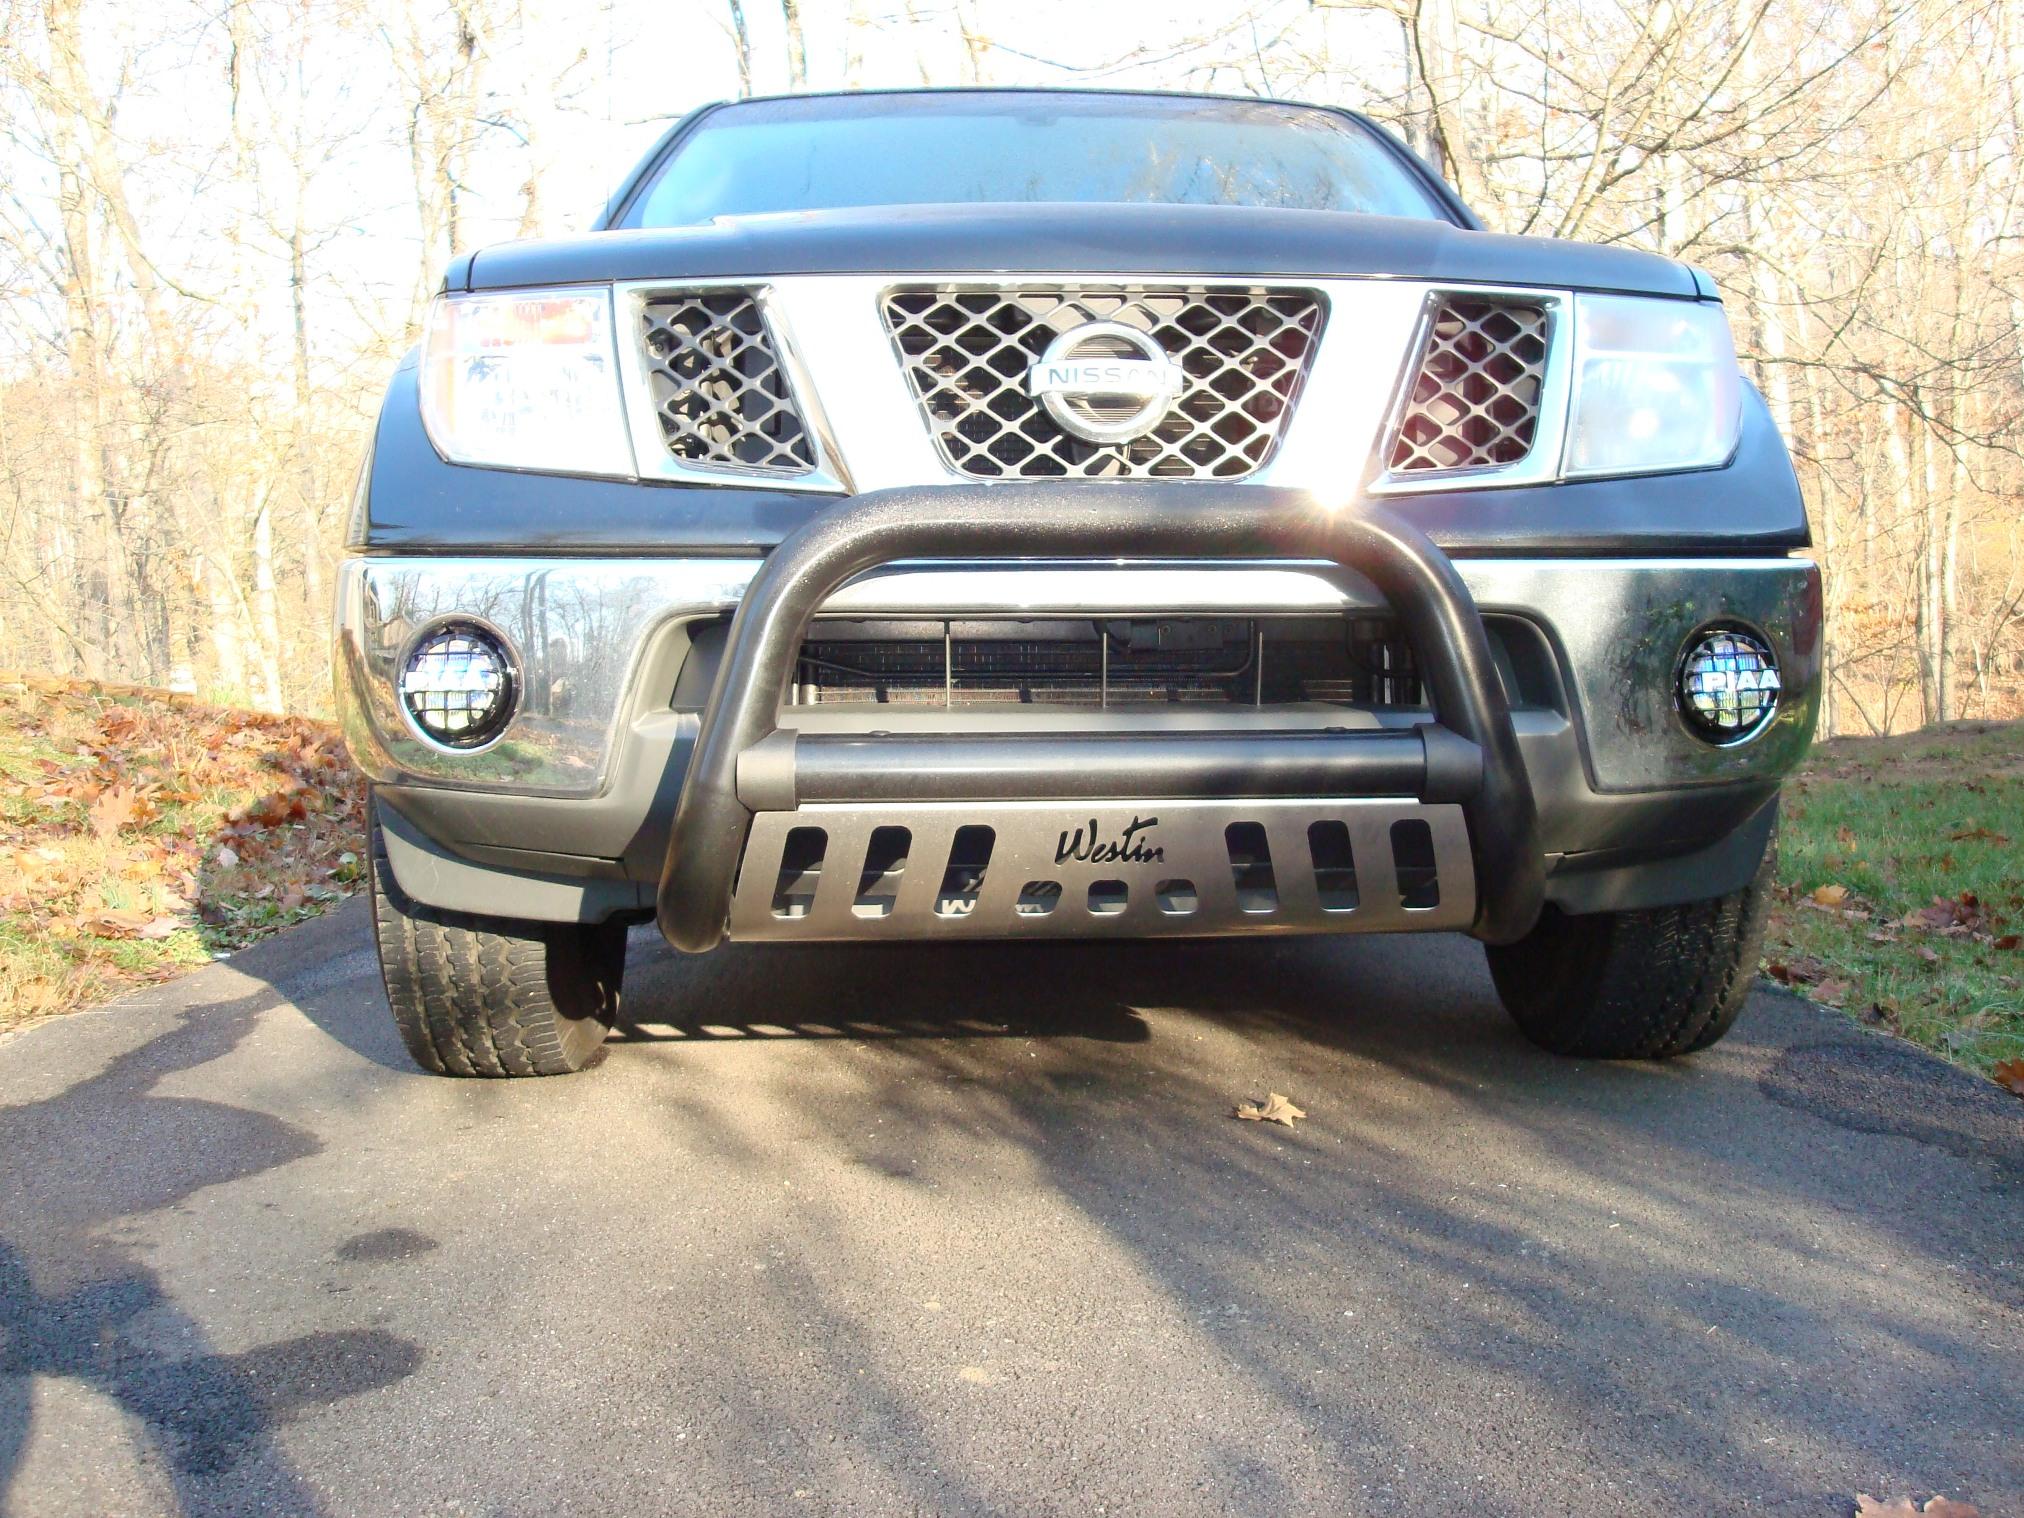 mounting piaa 510s in OEM bumper slots - Nissan Frontier Forum